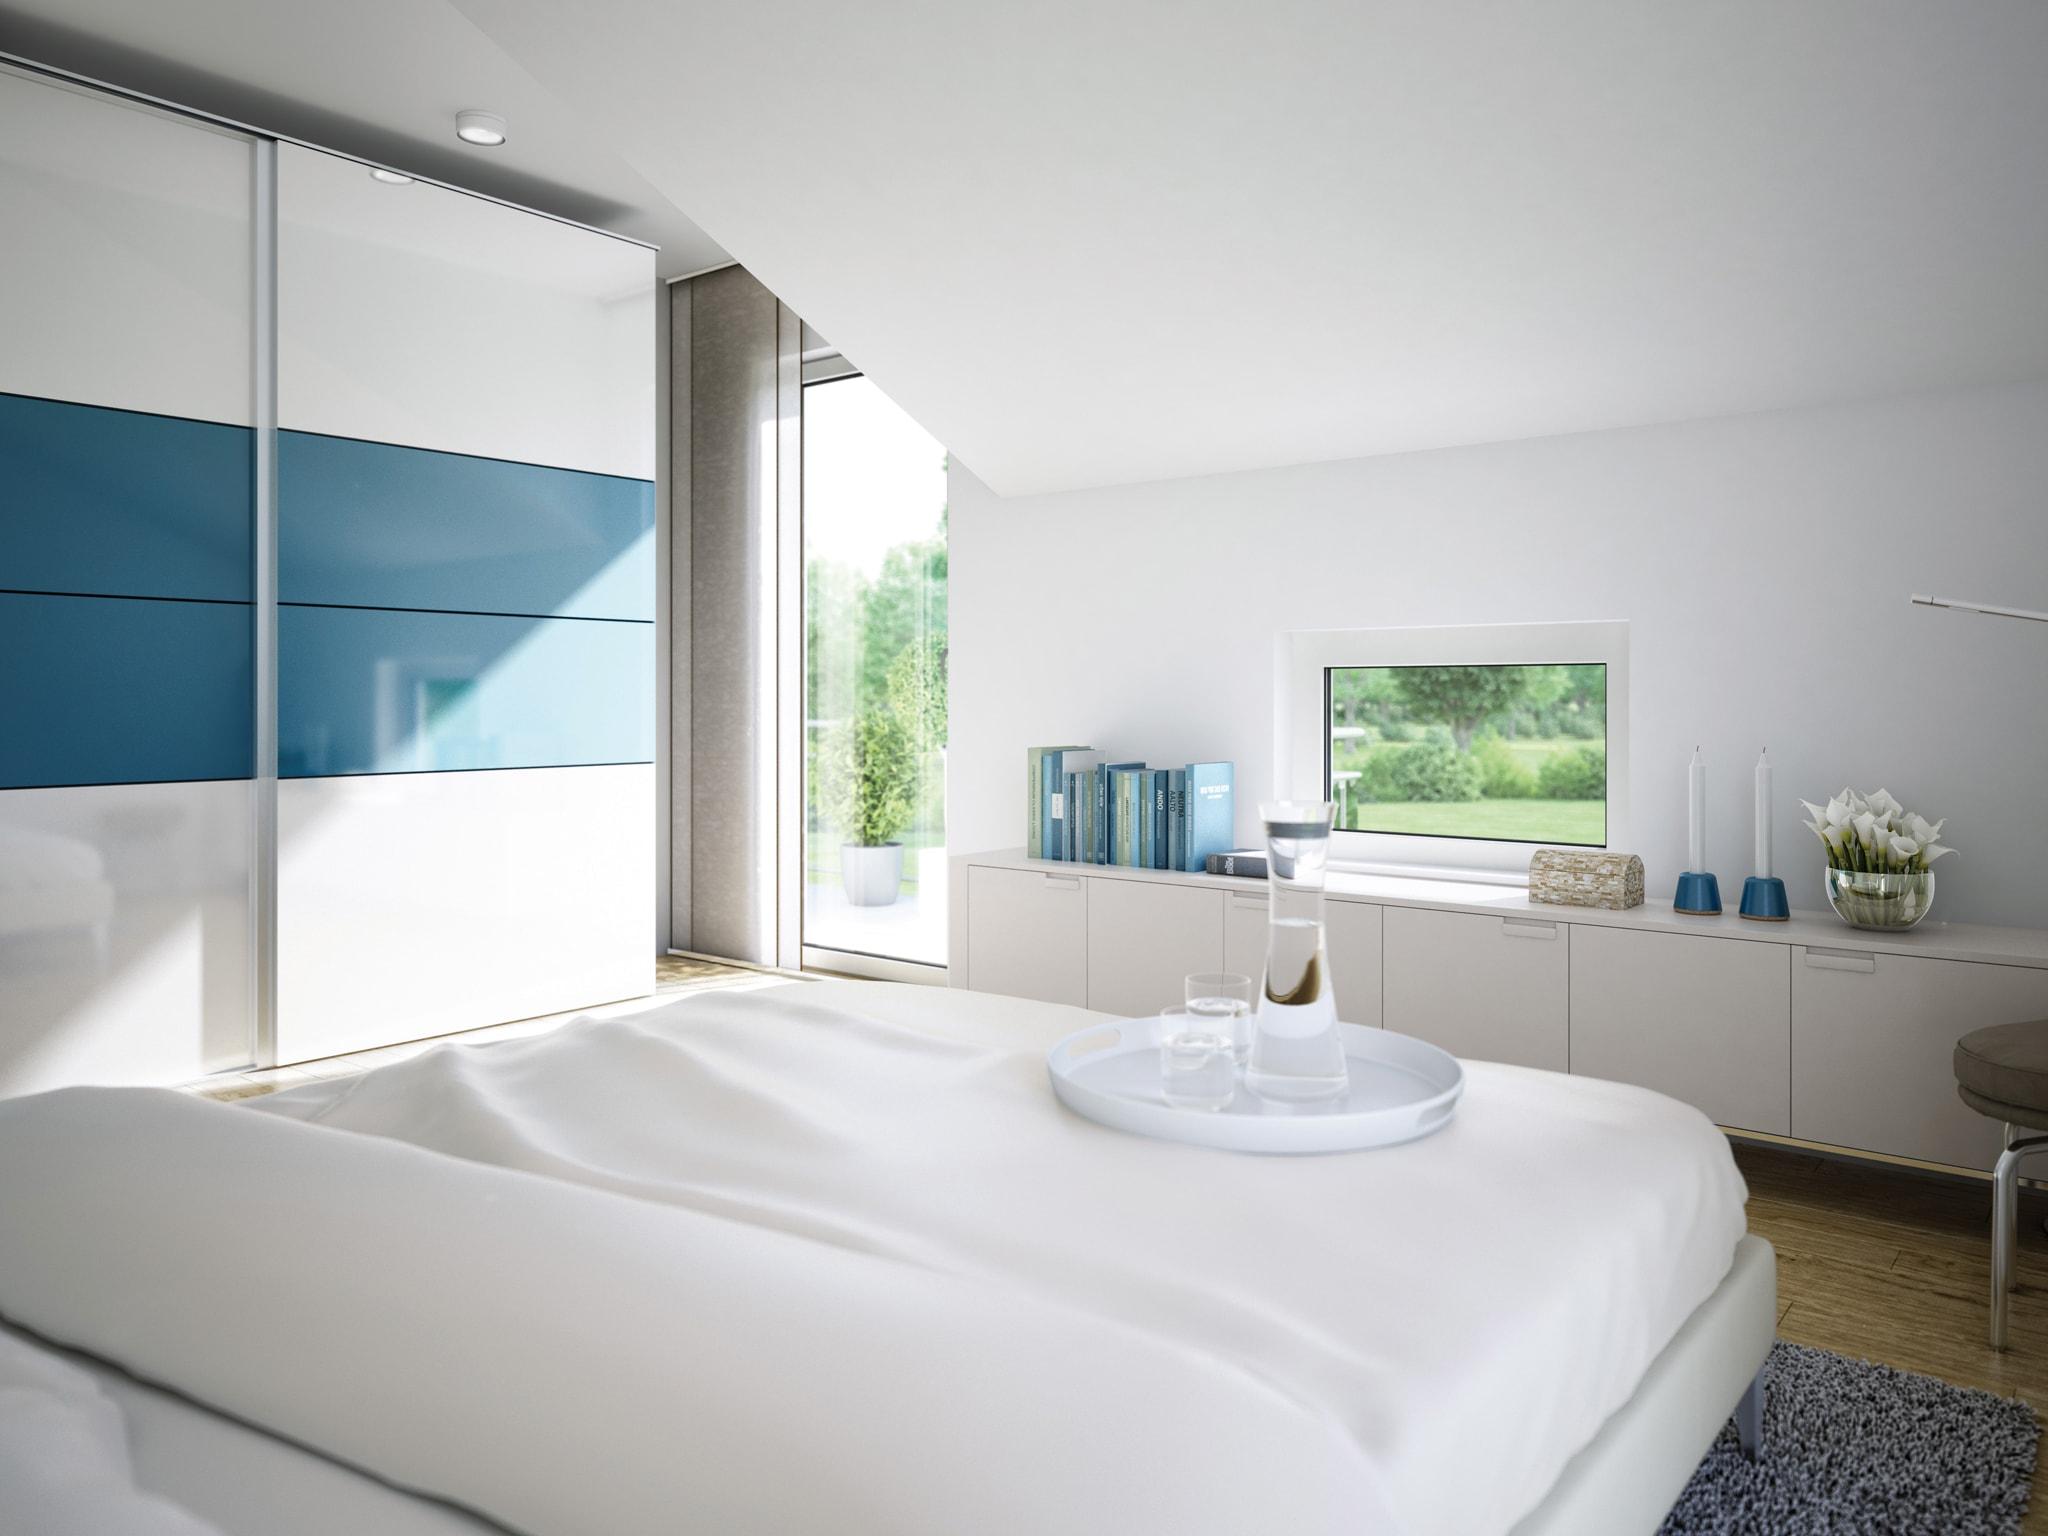 Schlafzimmer Ideen - Einfamilienhaus Inneneinrichtung Living Haus SUNSHINE 151 V3 - HausbauDirekt.de